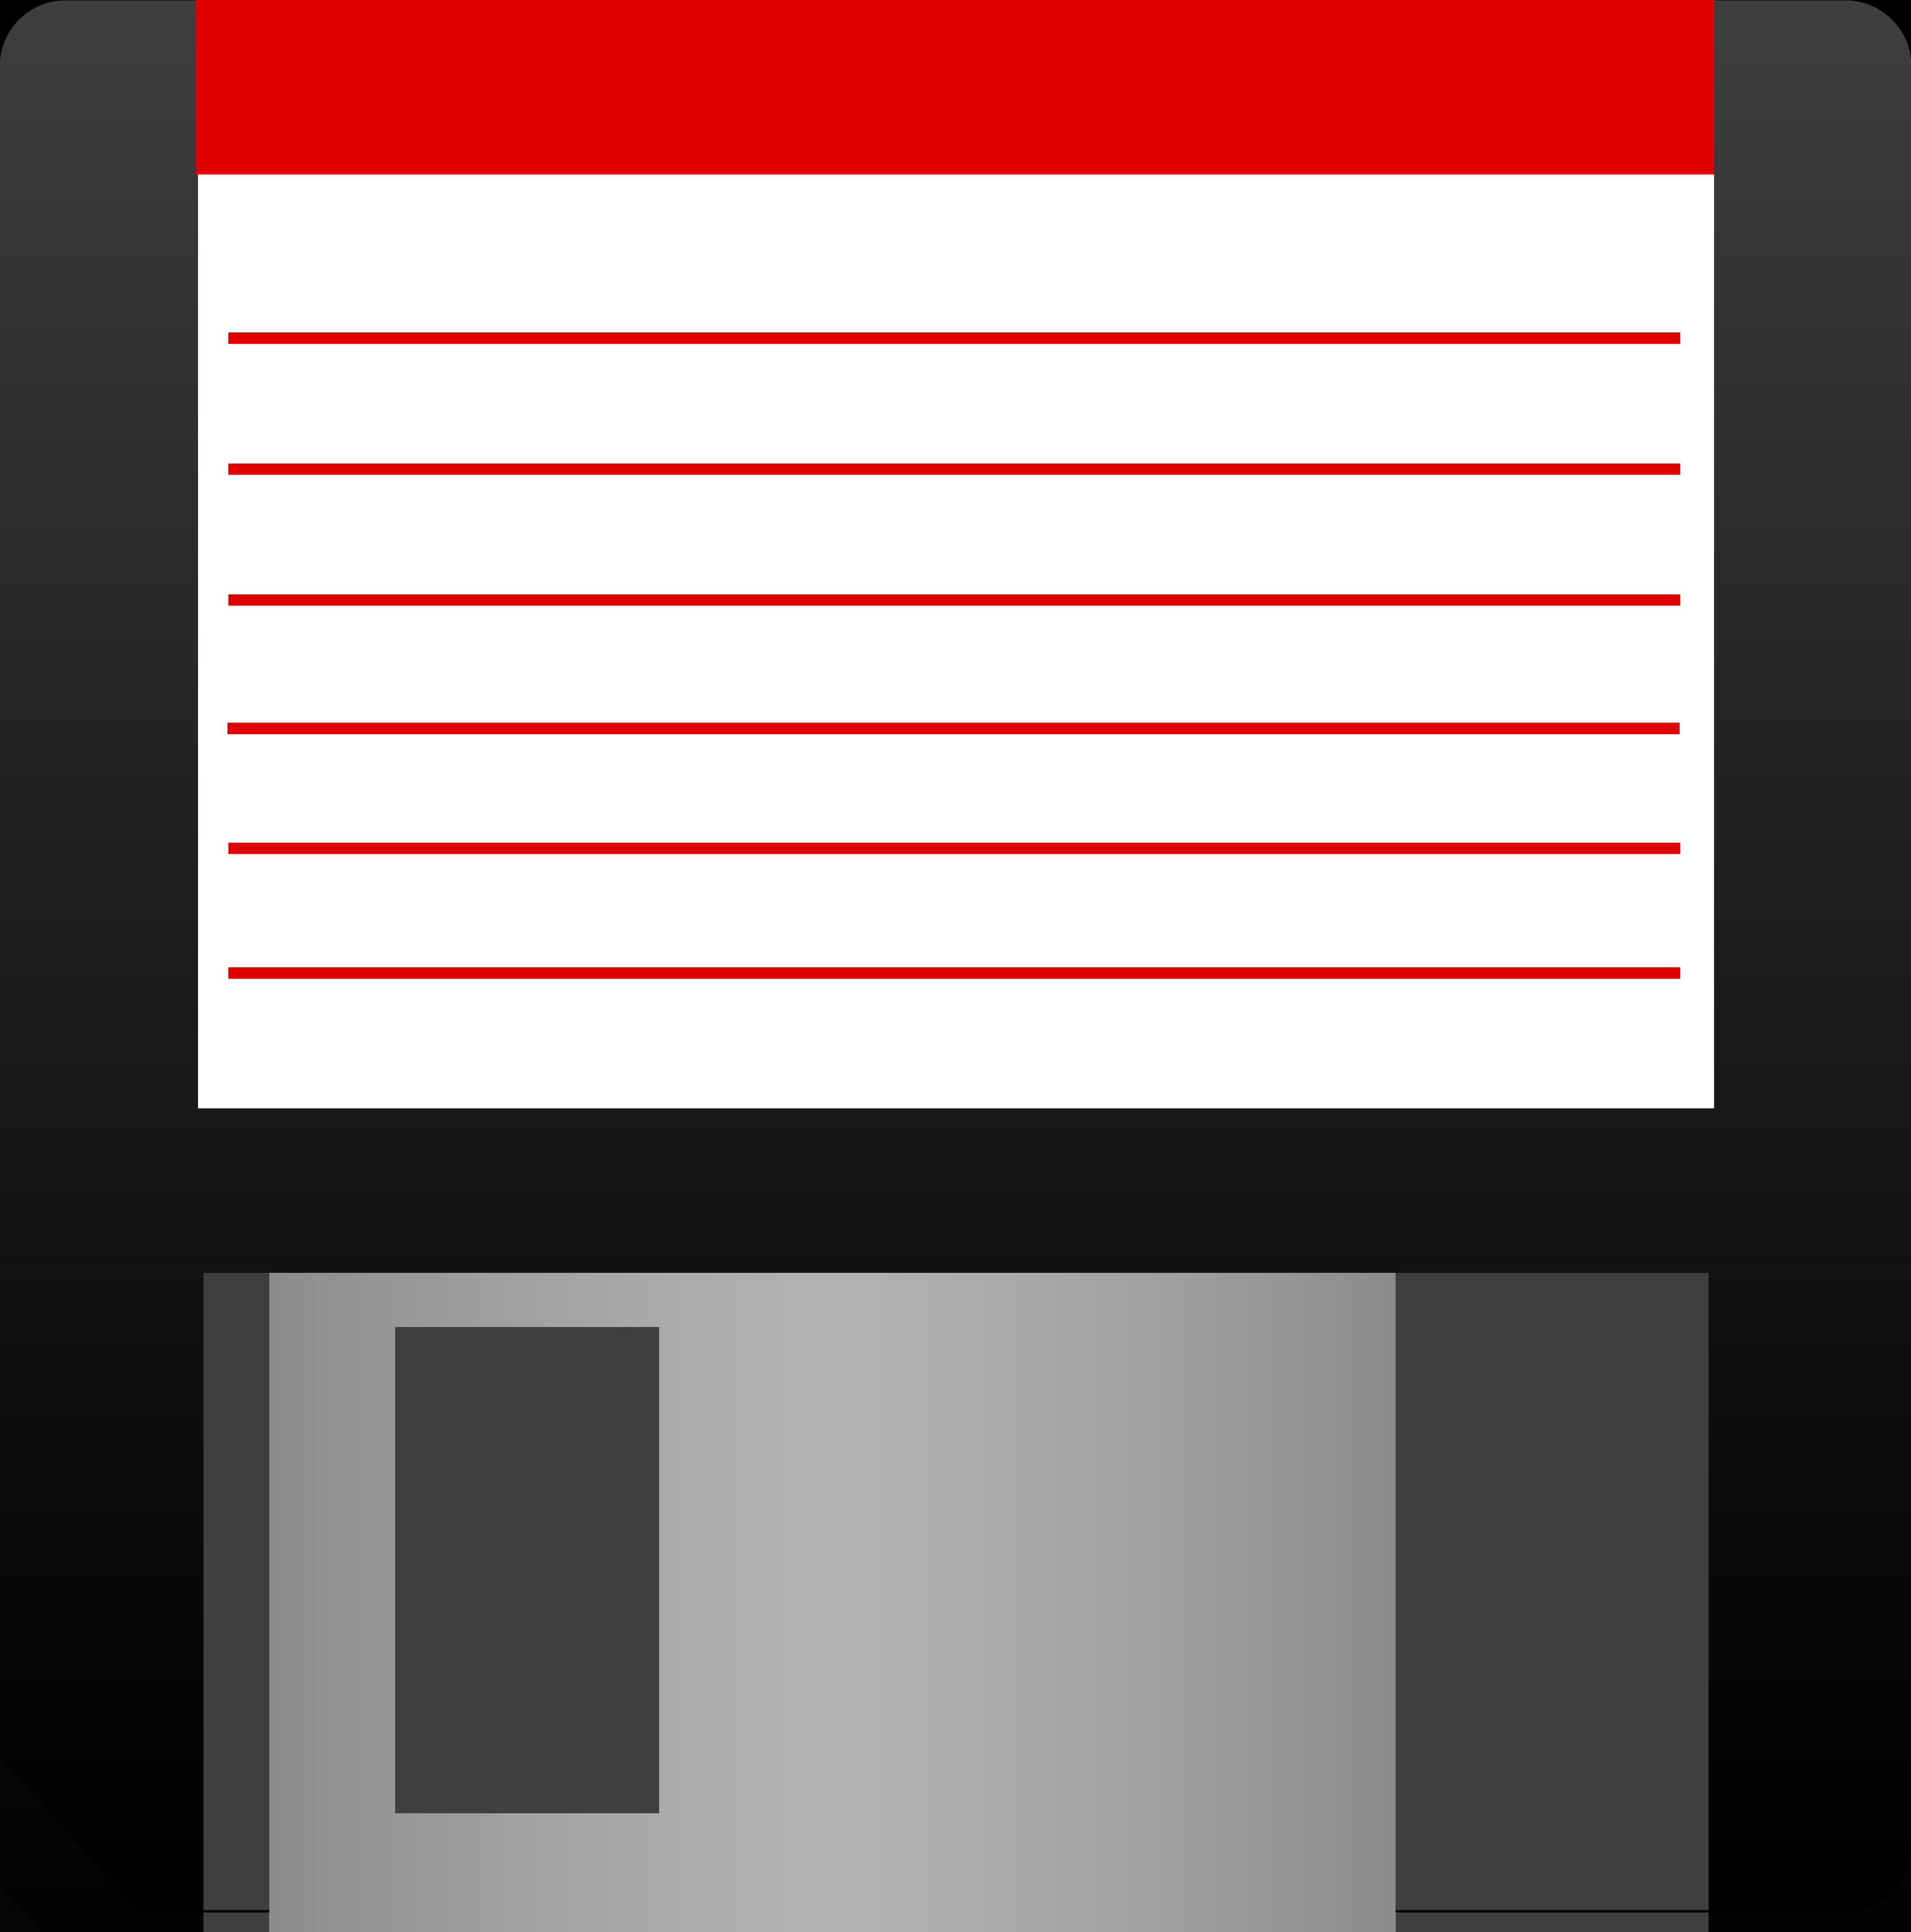 Floppy Disk Design.